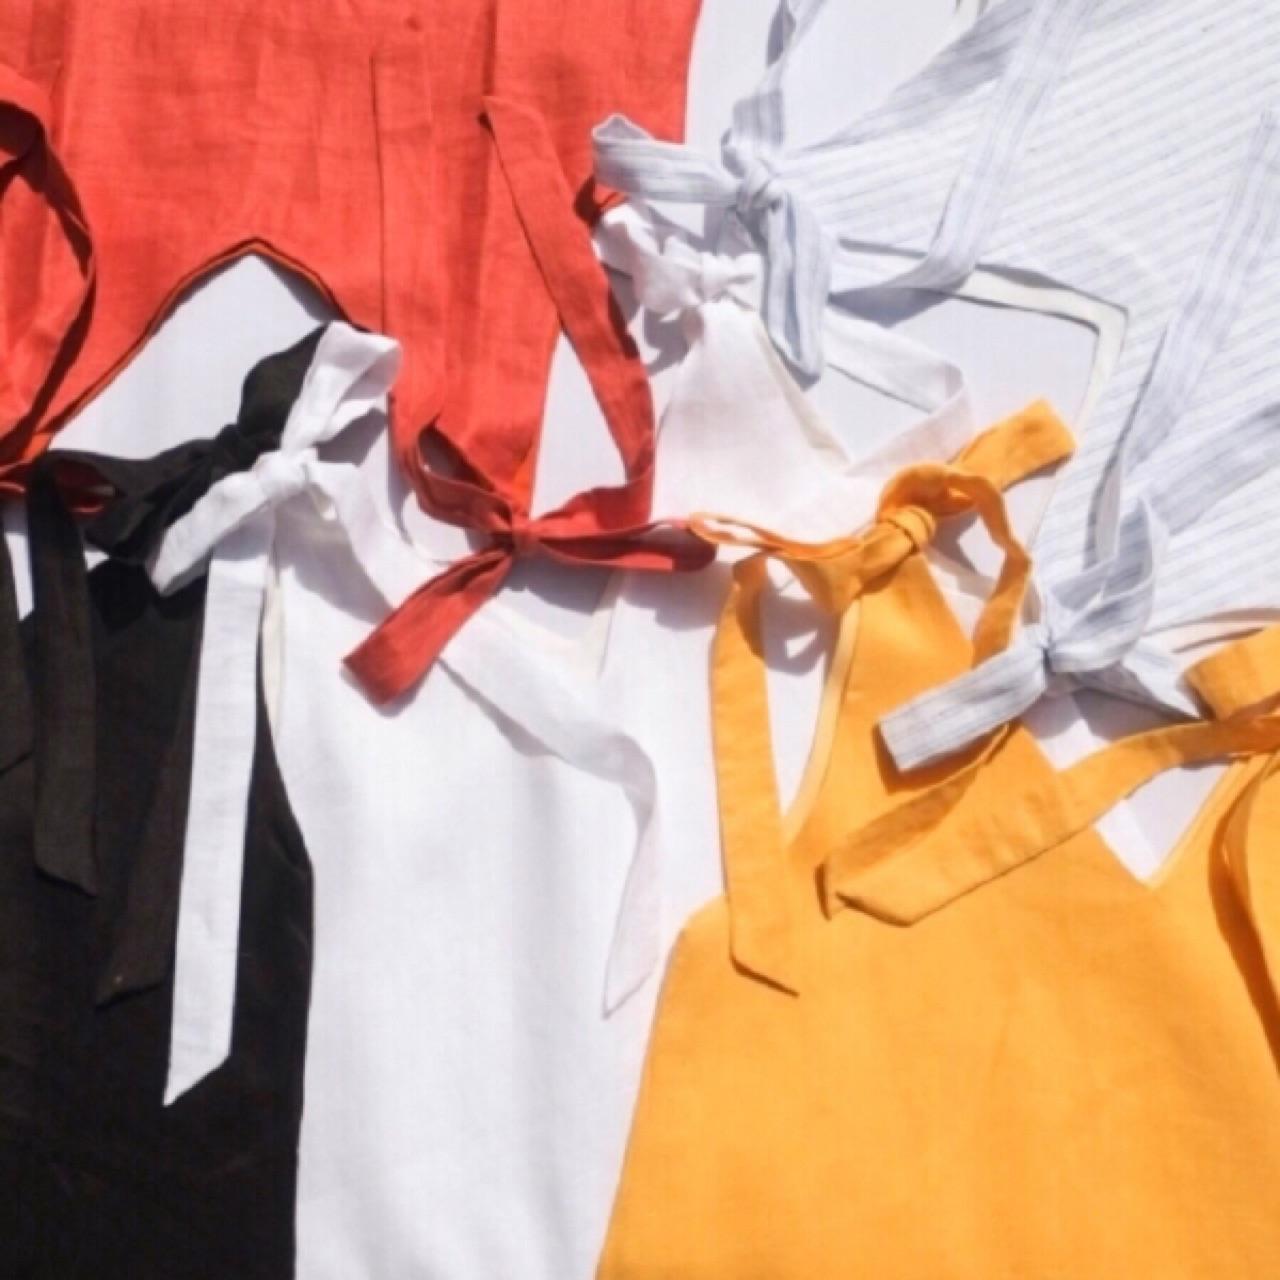 เสื้อผ้าผู้หญิง,เดรส,เดรสสั้น,เดรสสั้นสายเดี่ยว,เดรสสายเดี่ยว,สายเดี่ยว,มินิเดรส